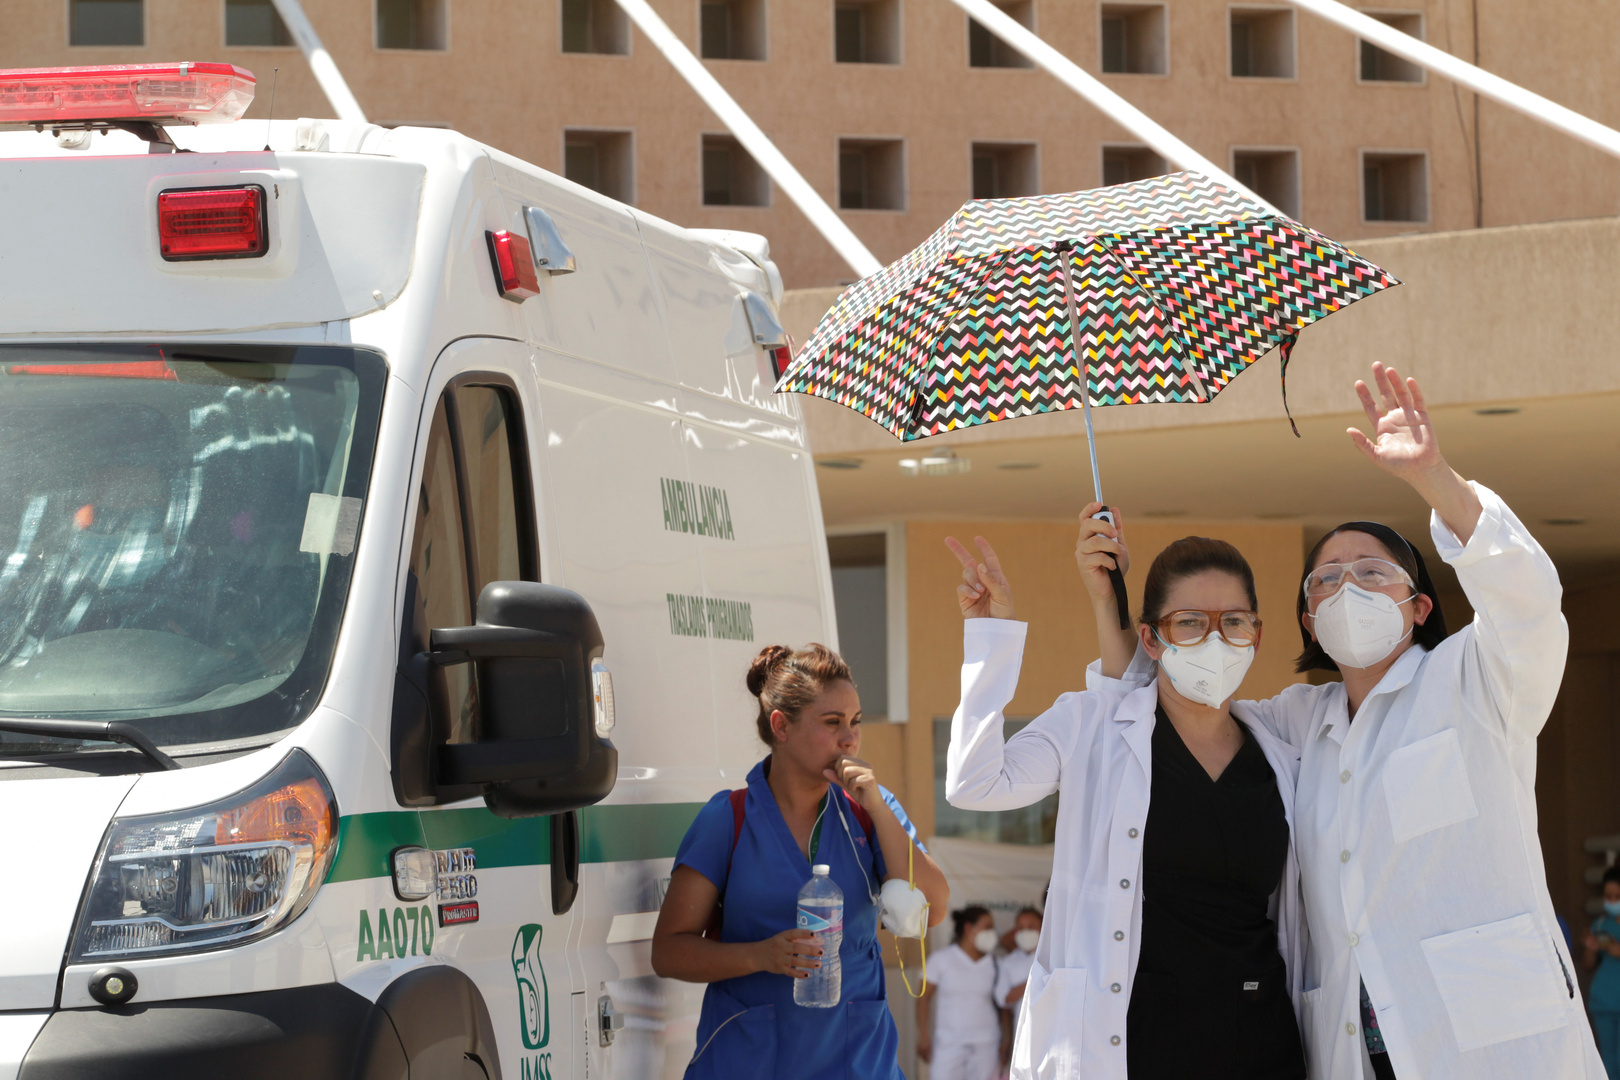 المكسيك تسجل 6891 إصابة جديدة و665 وفاة بفيروس كورونا